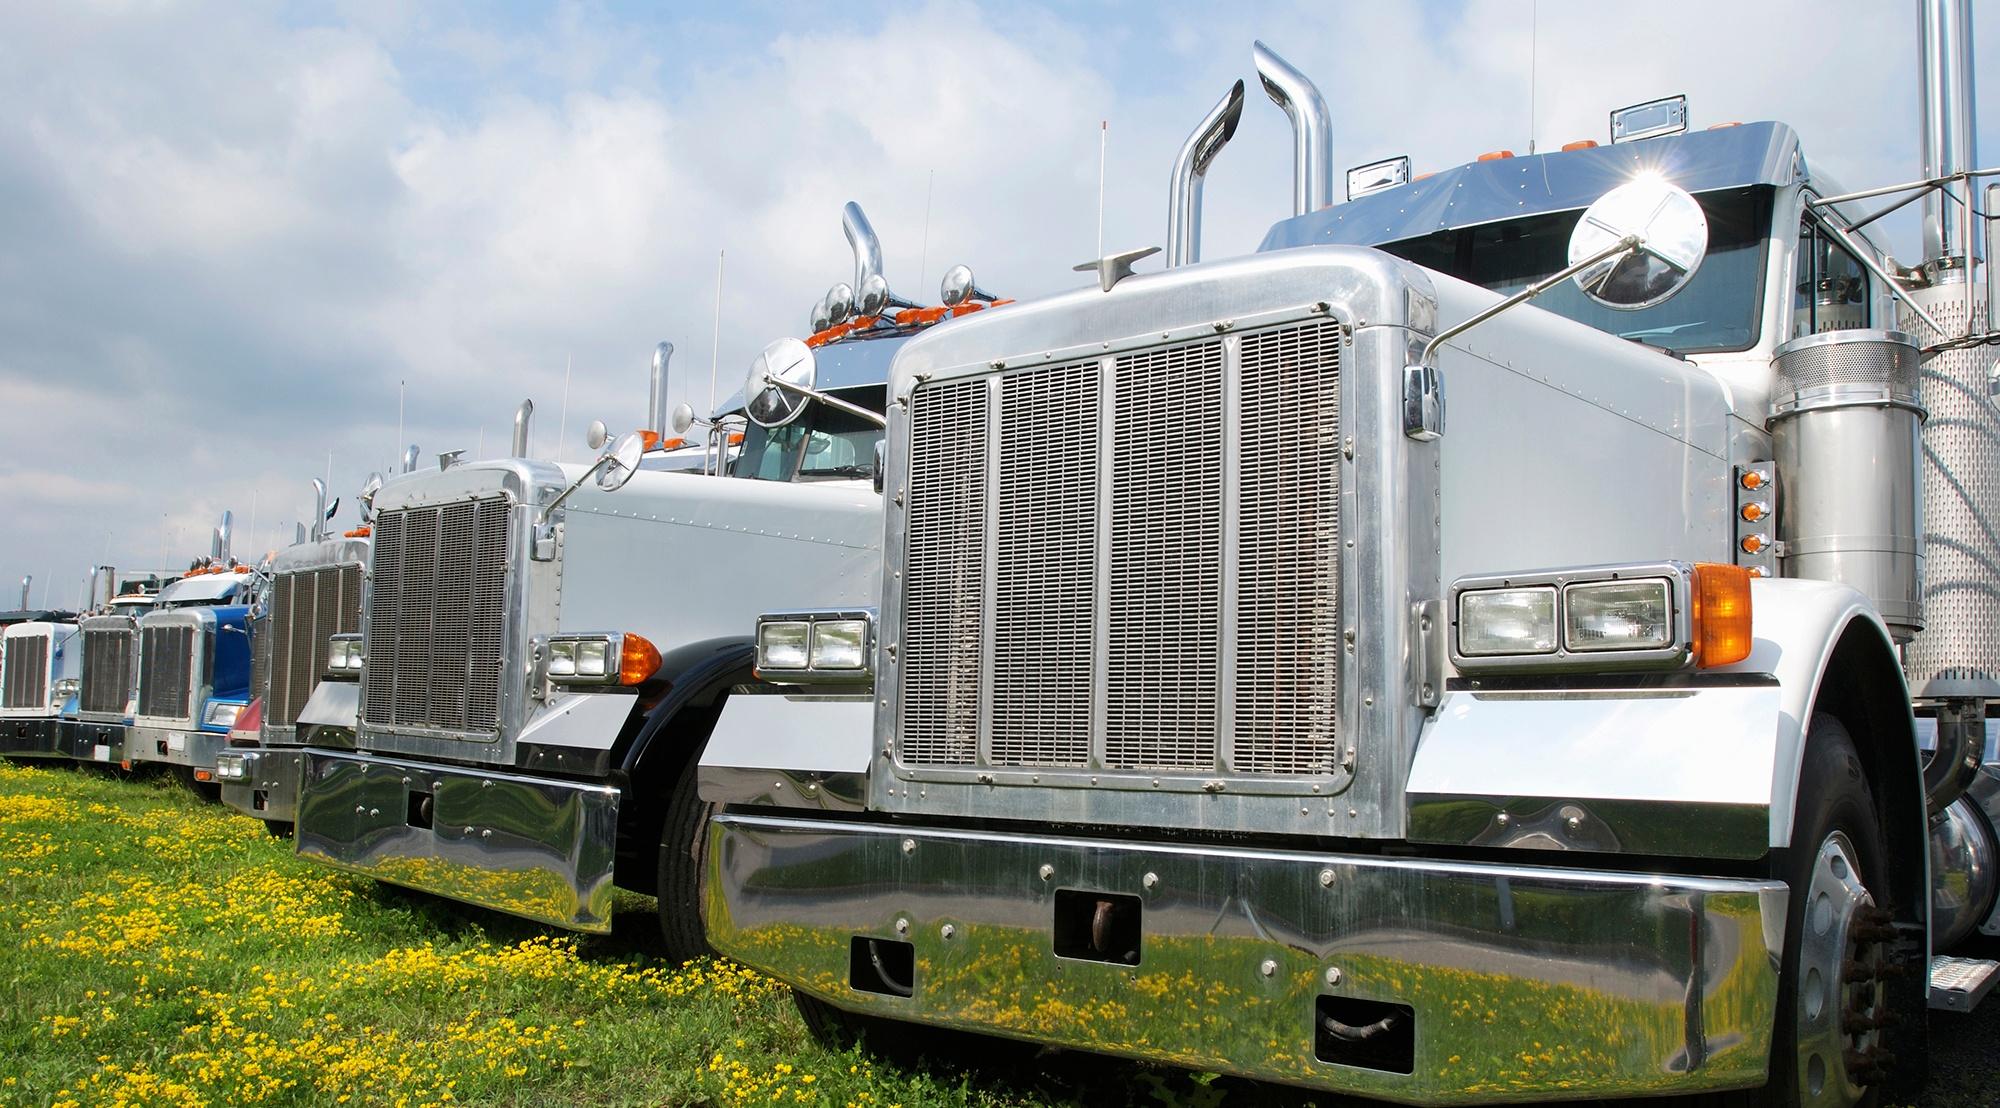 Bright shiny trucks